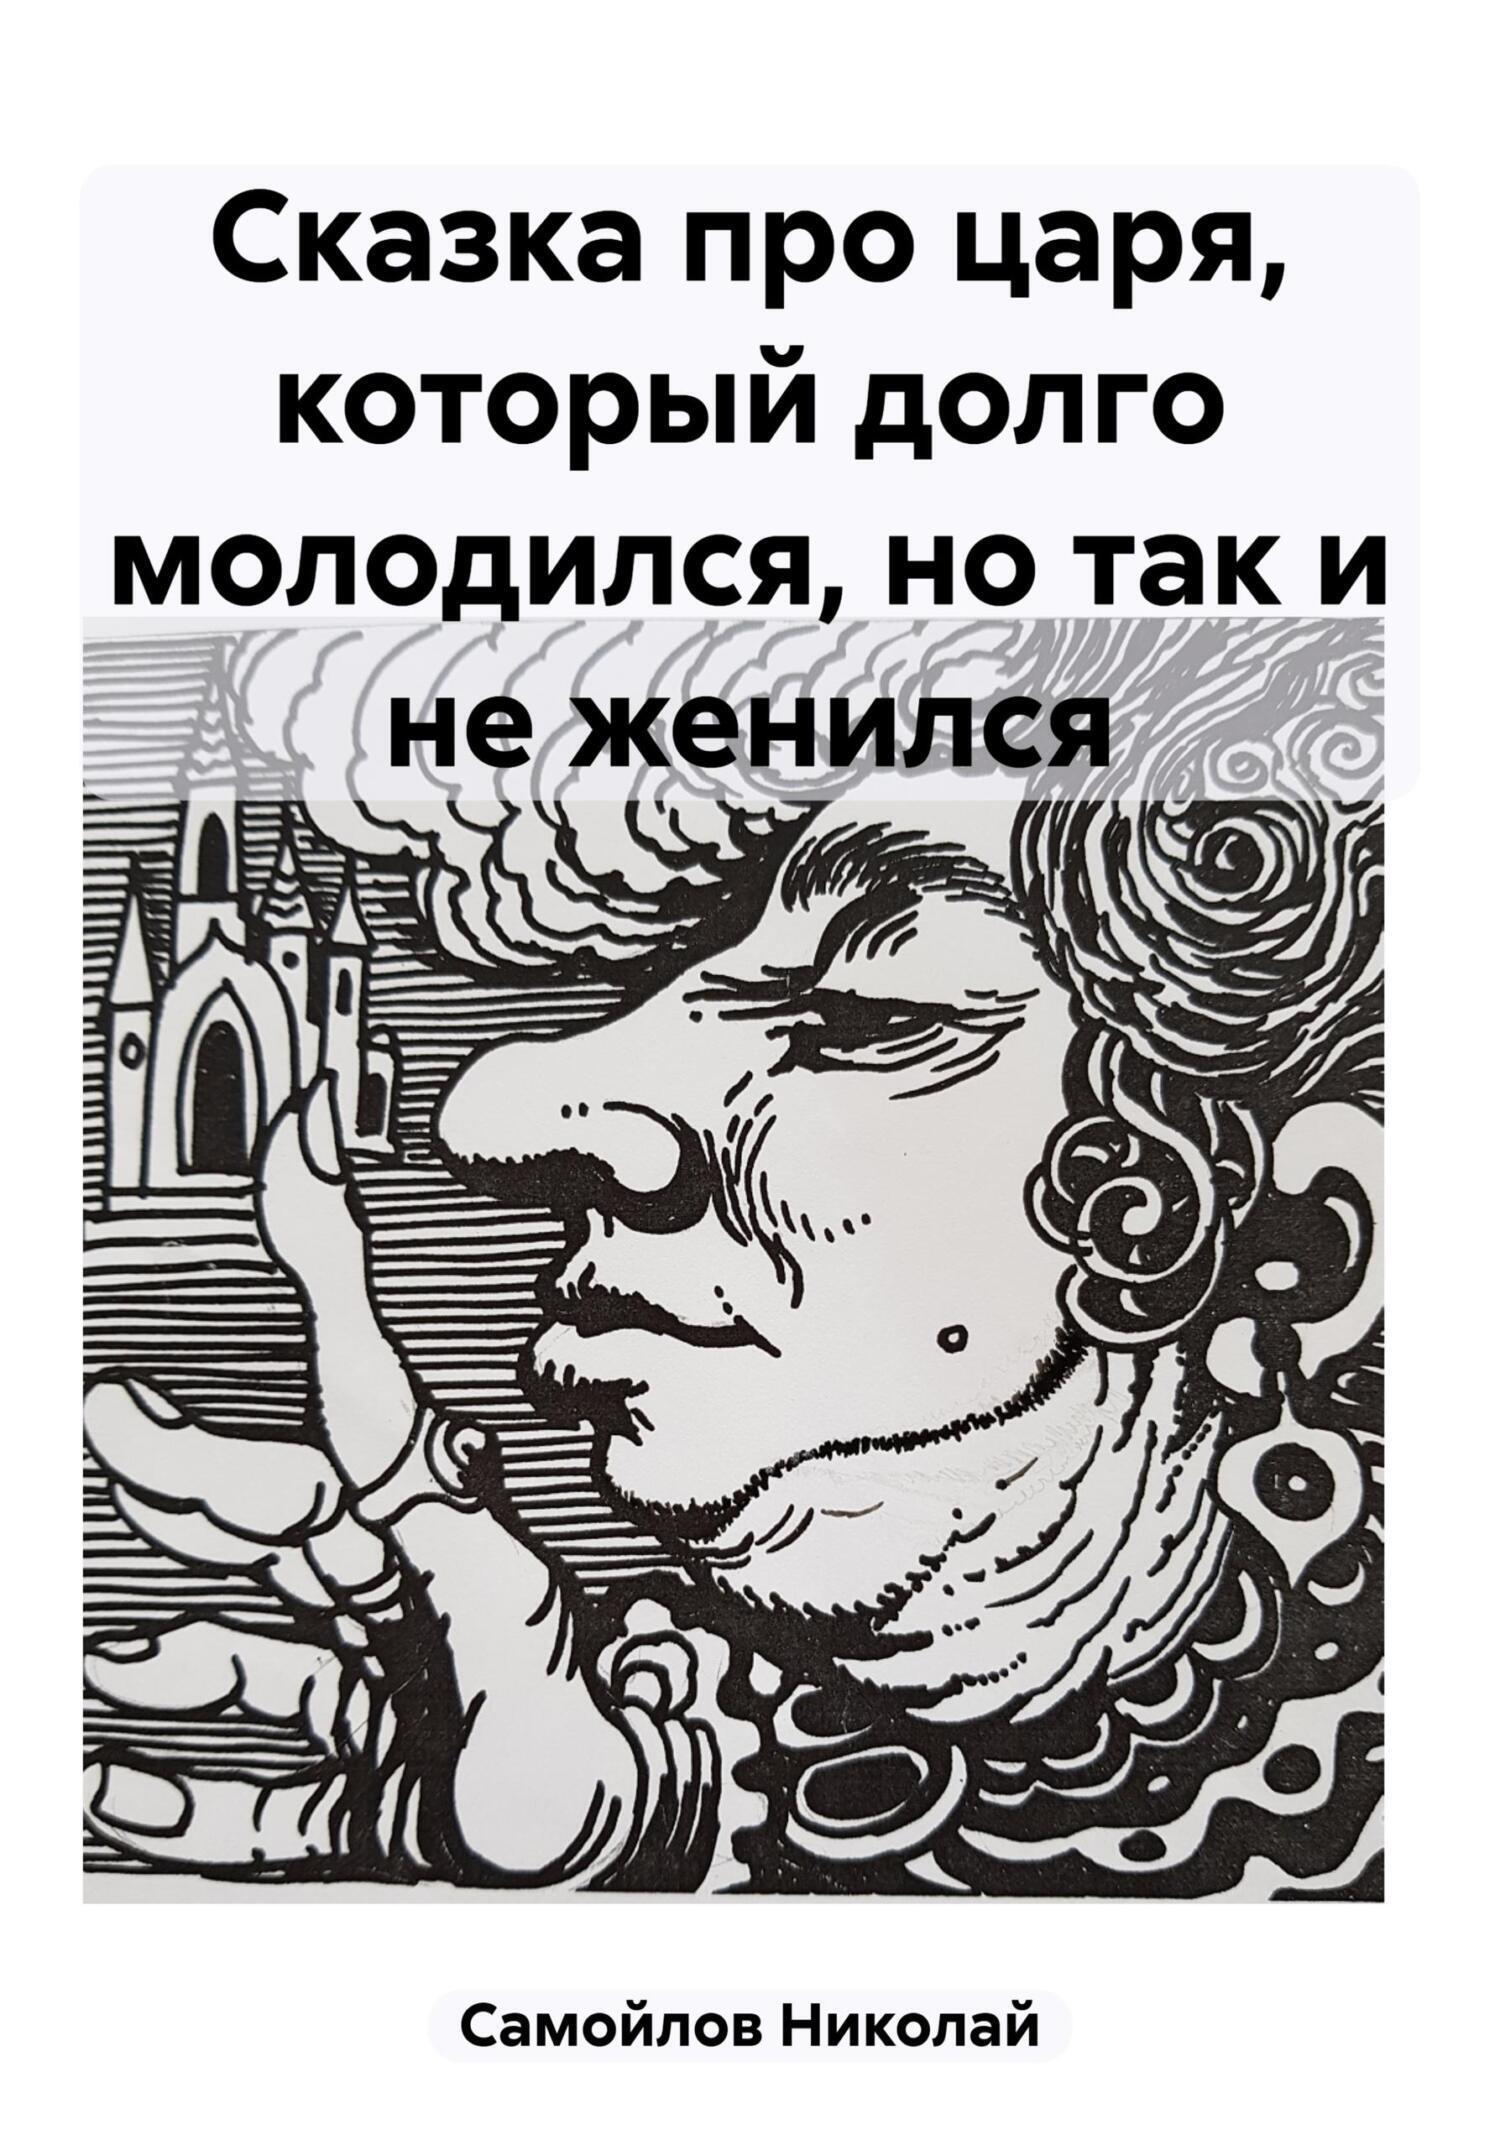 Николай Николаевич Самойлов История про царя, который суетился зря, долго молодился, но так и не женился